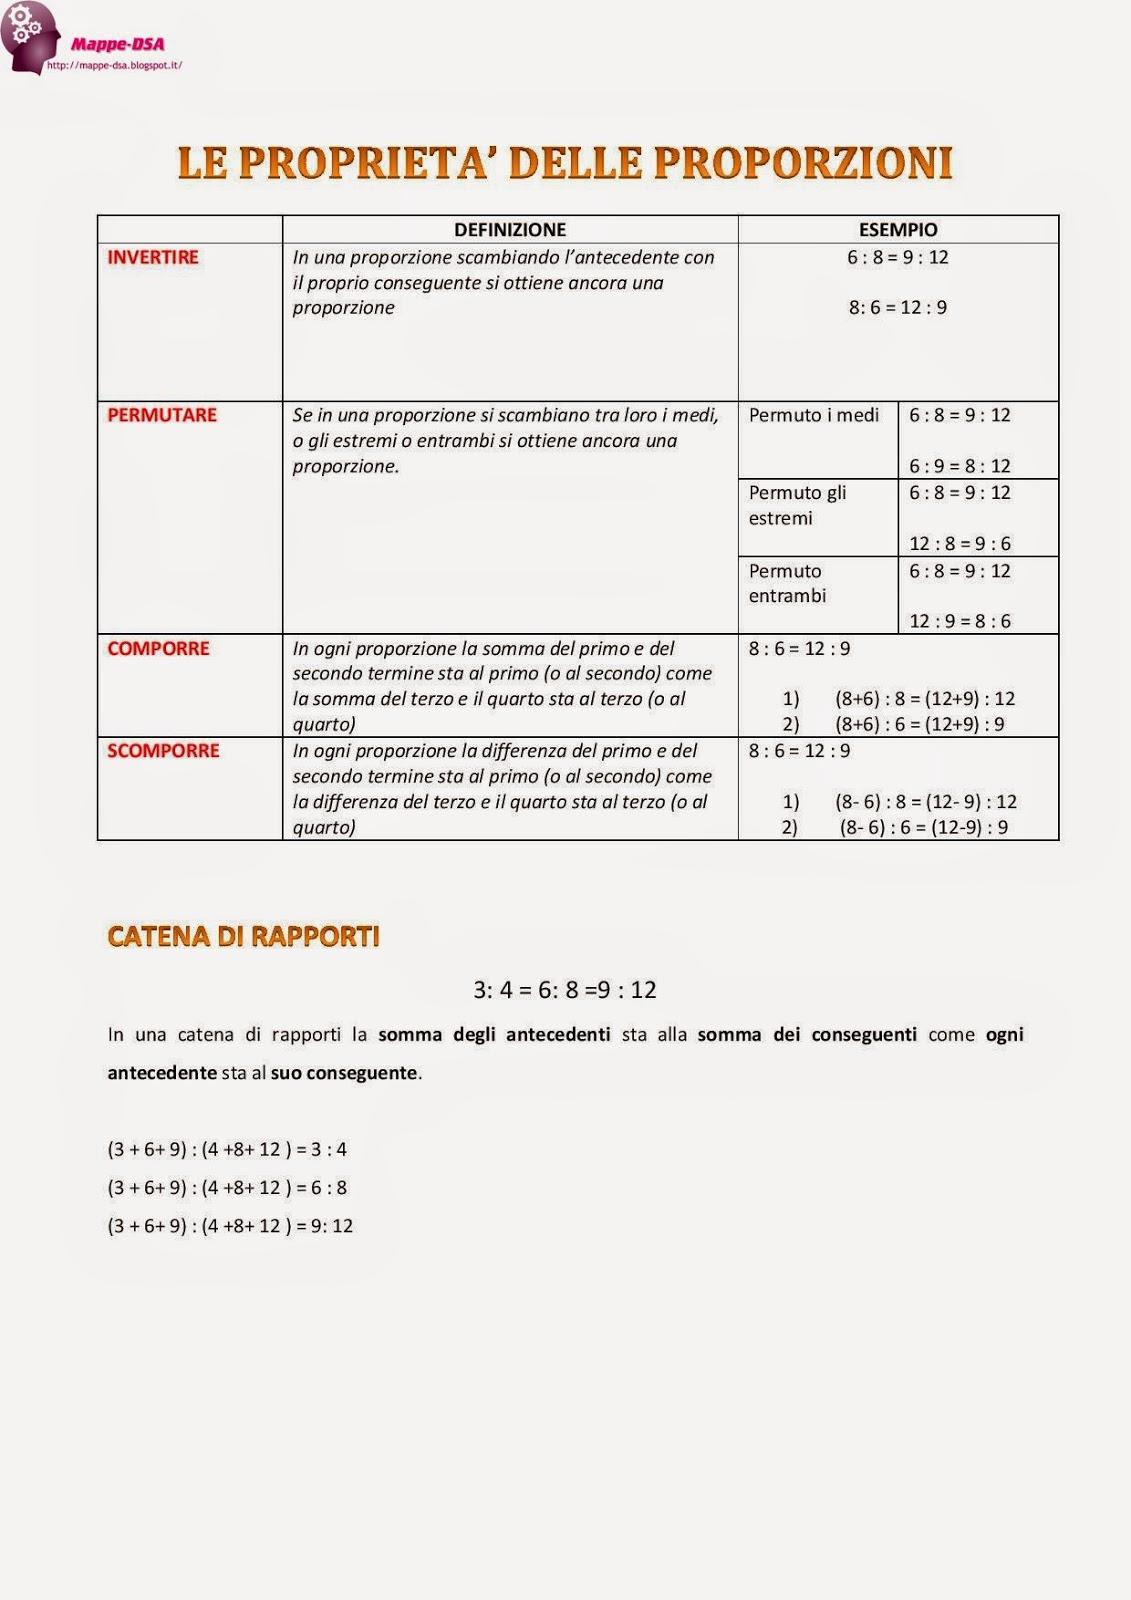 mappa dsa matematica proprietà proporzioni